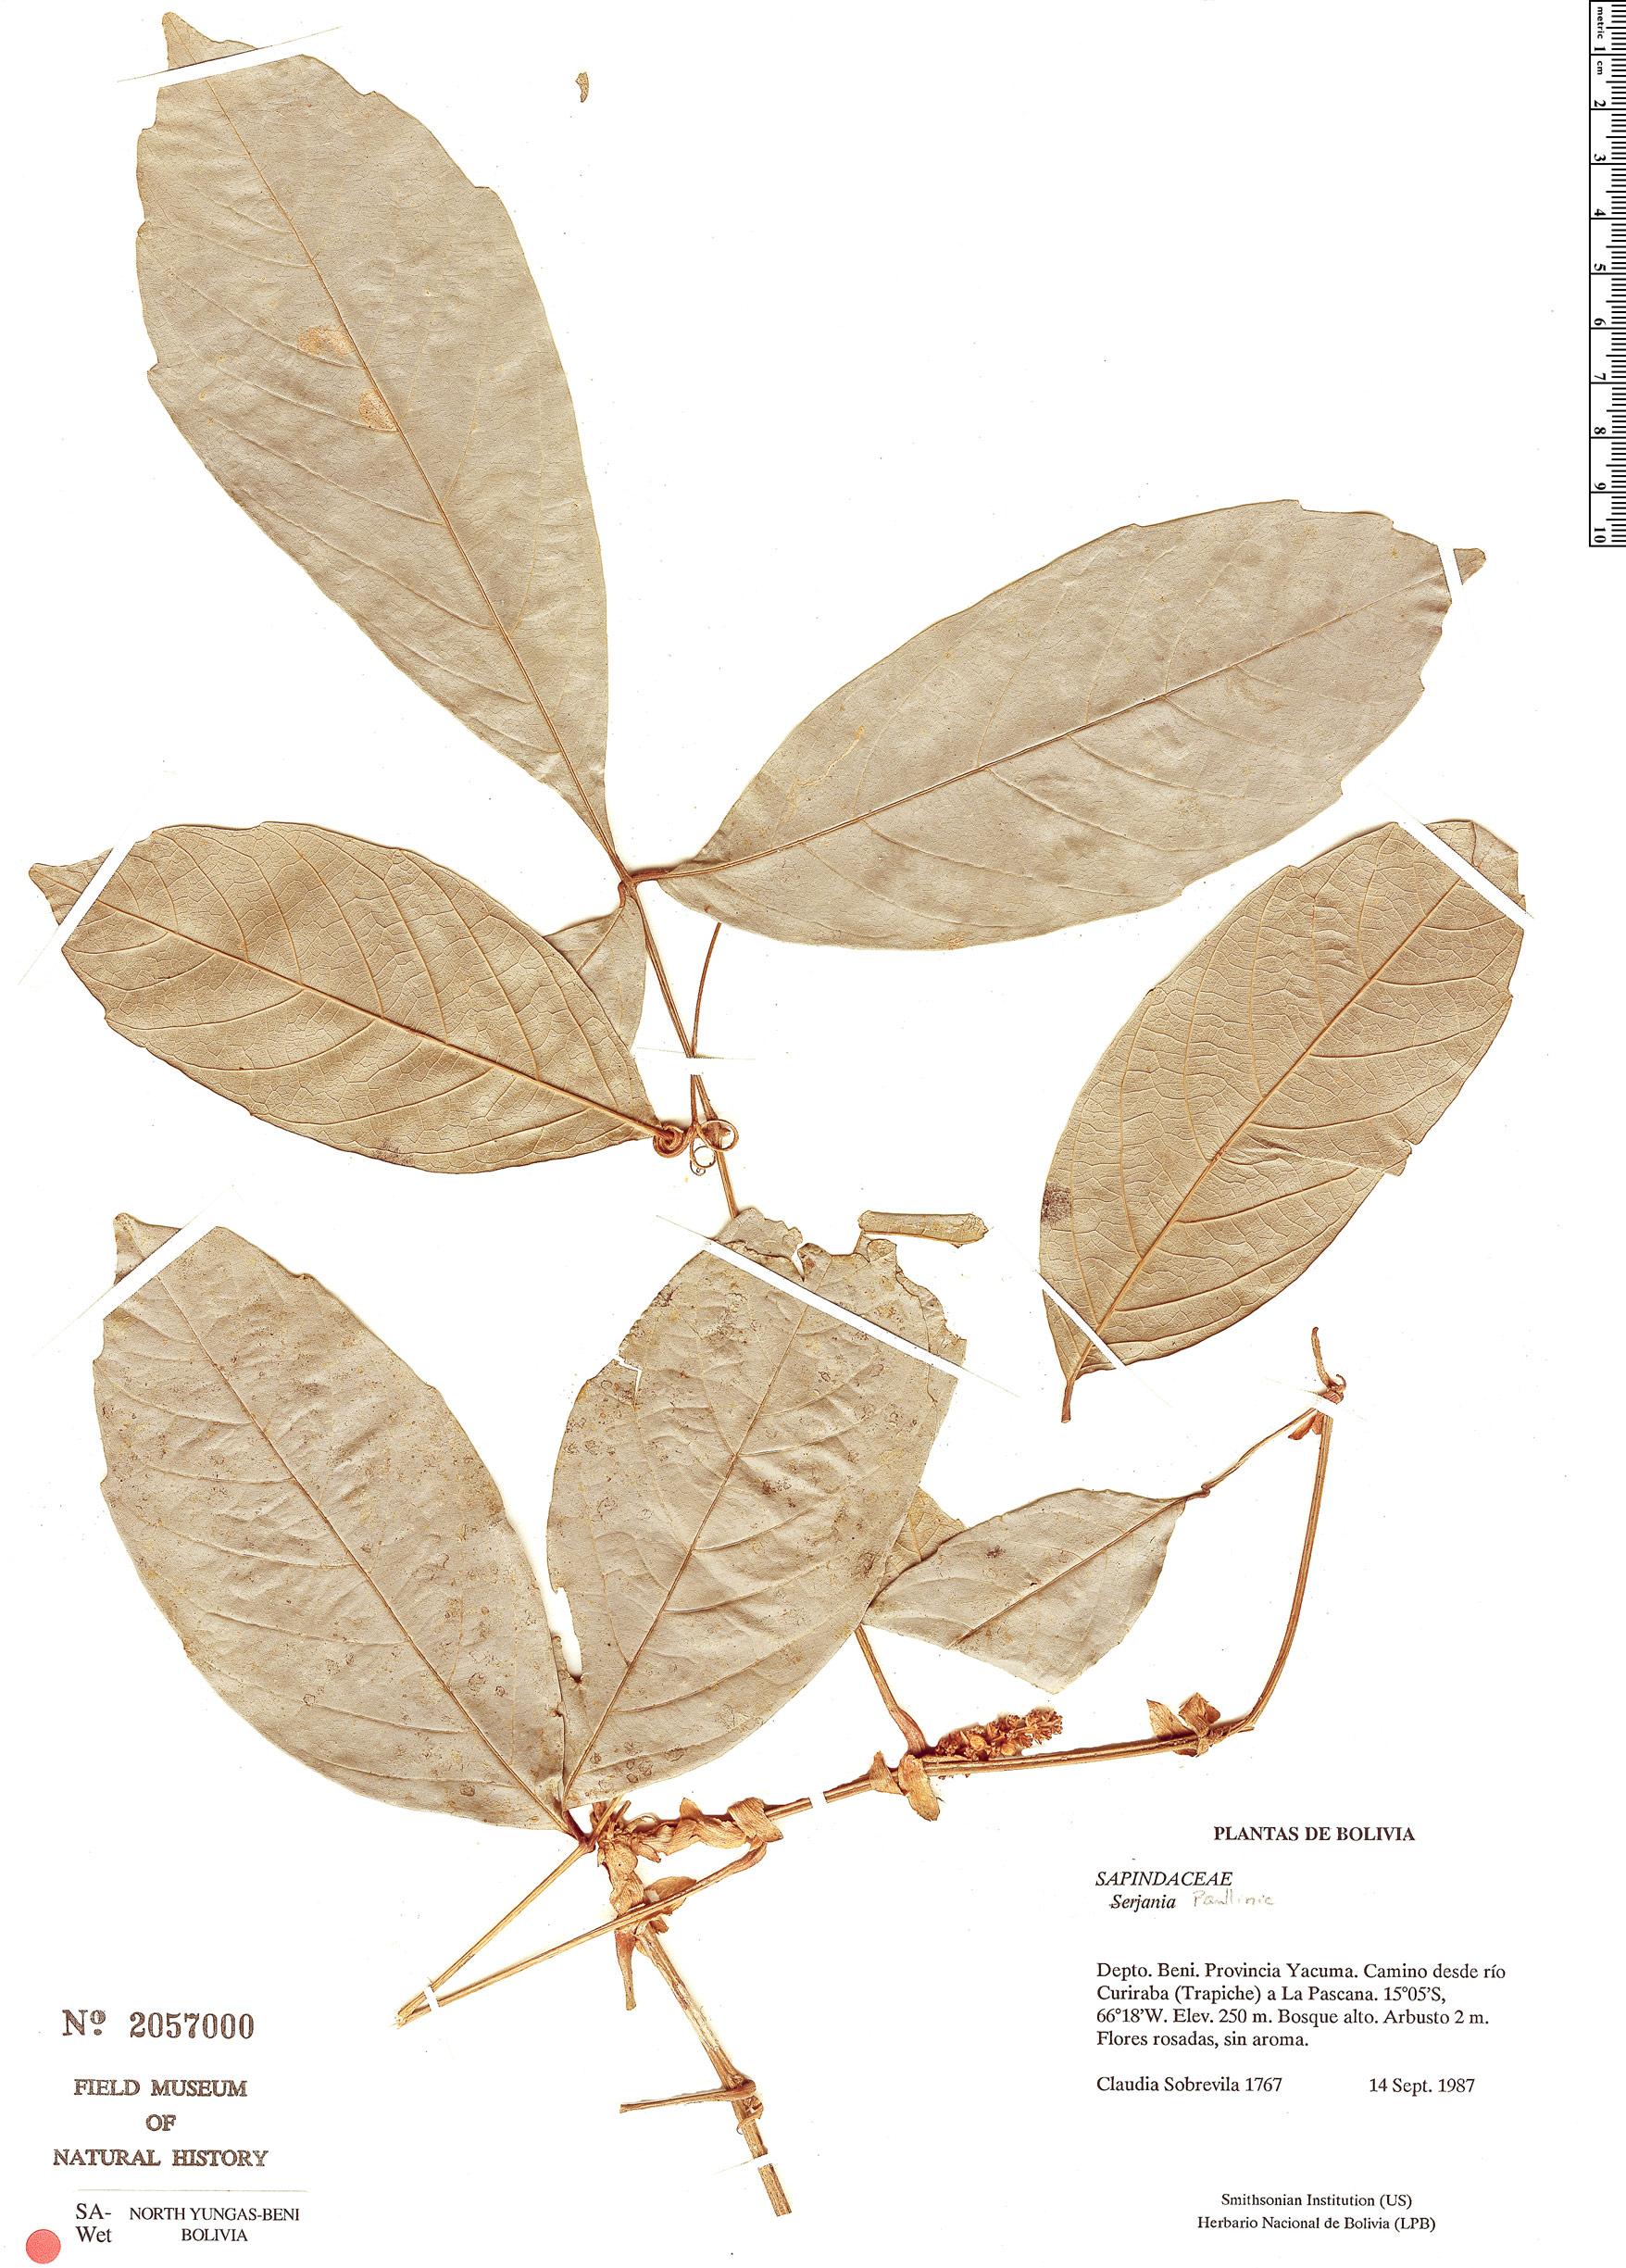 Espécime: Paullinia